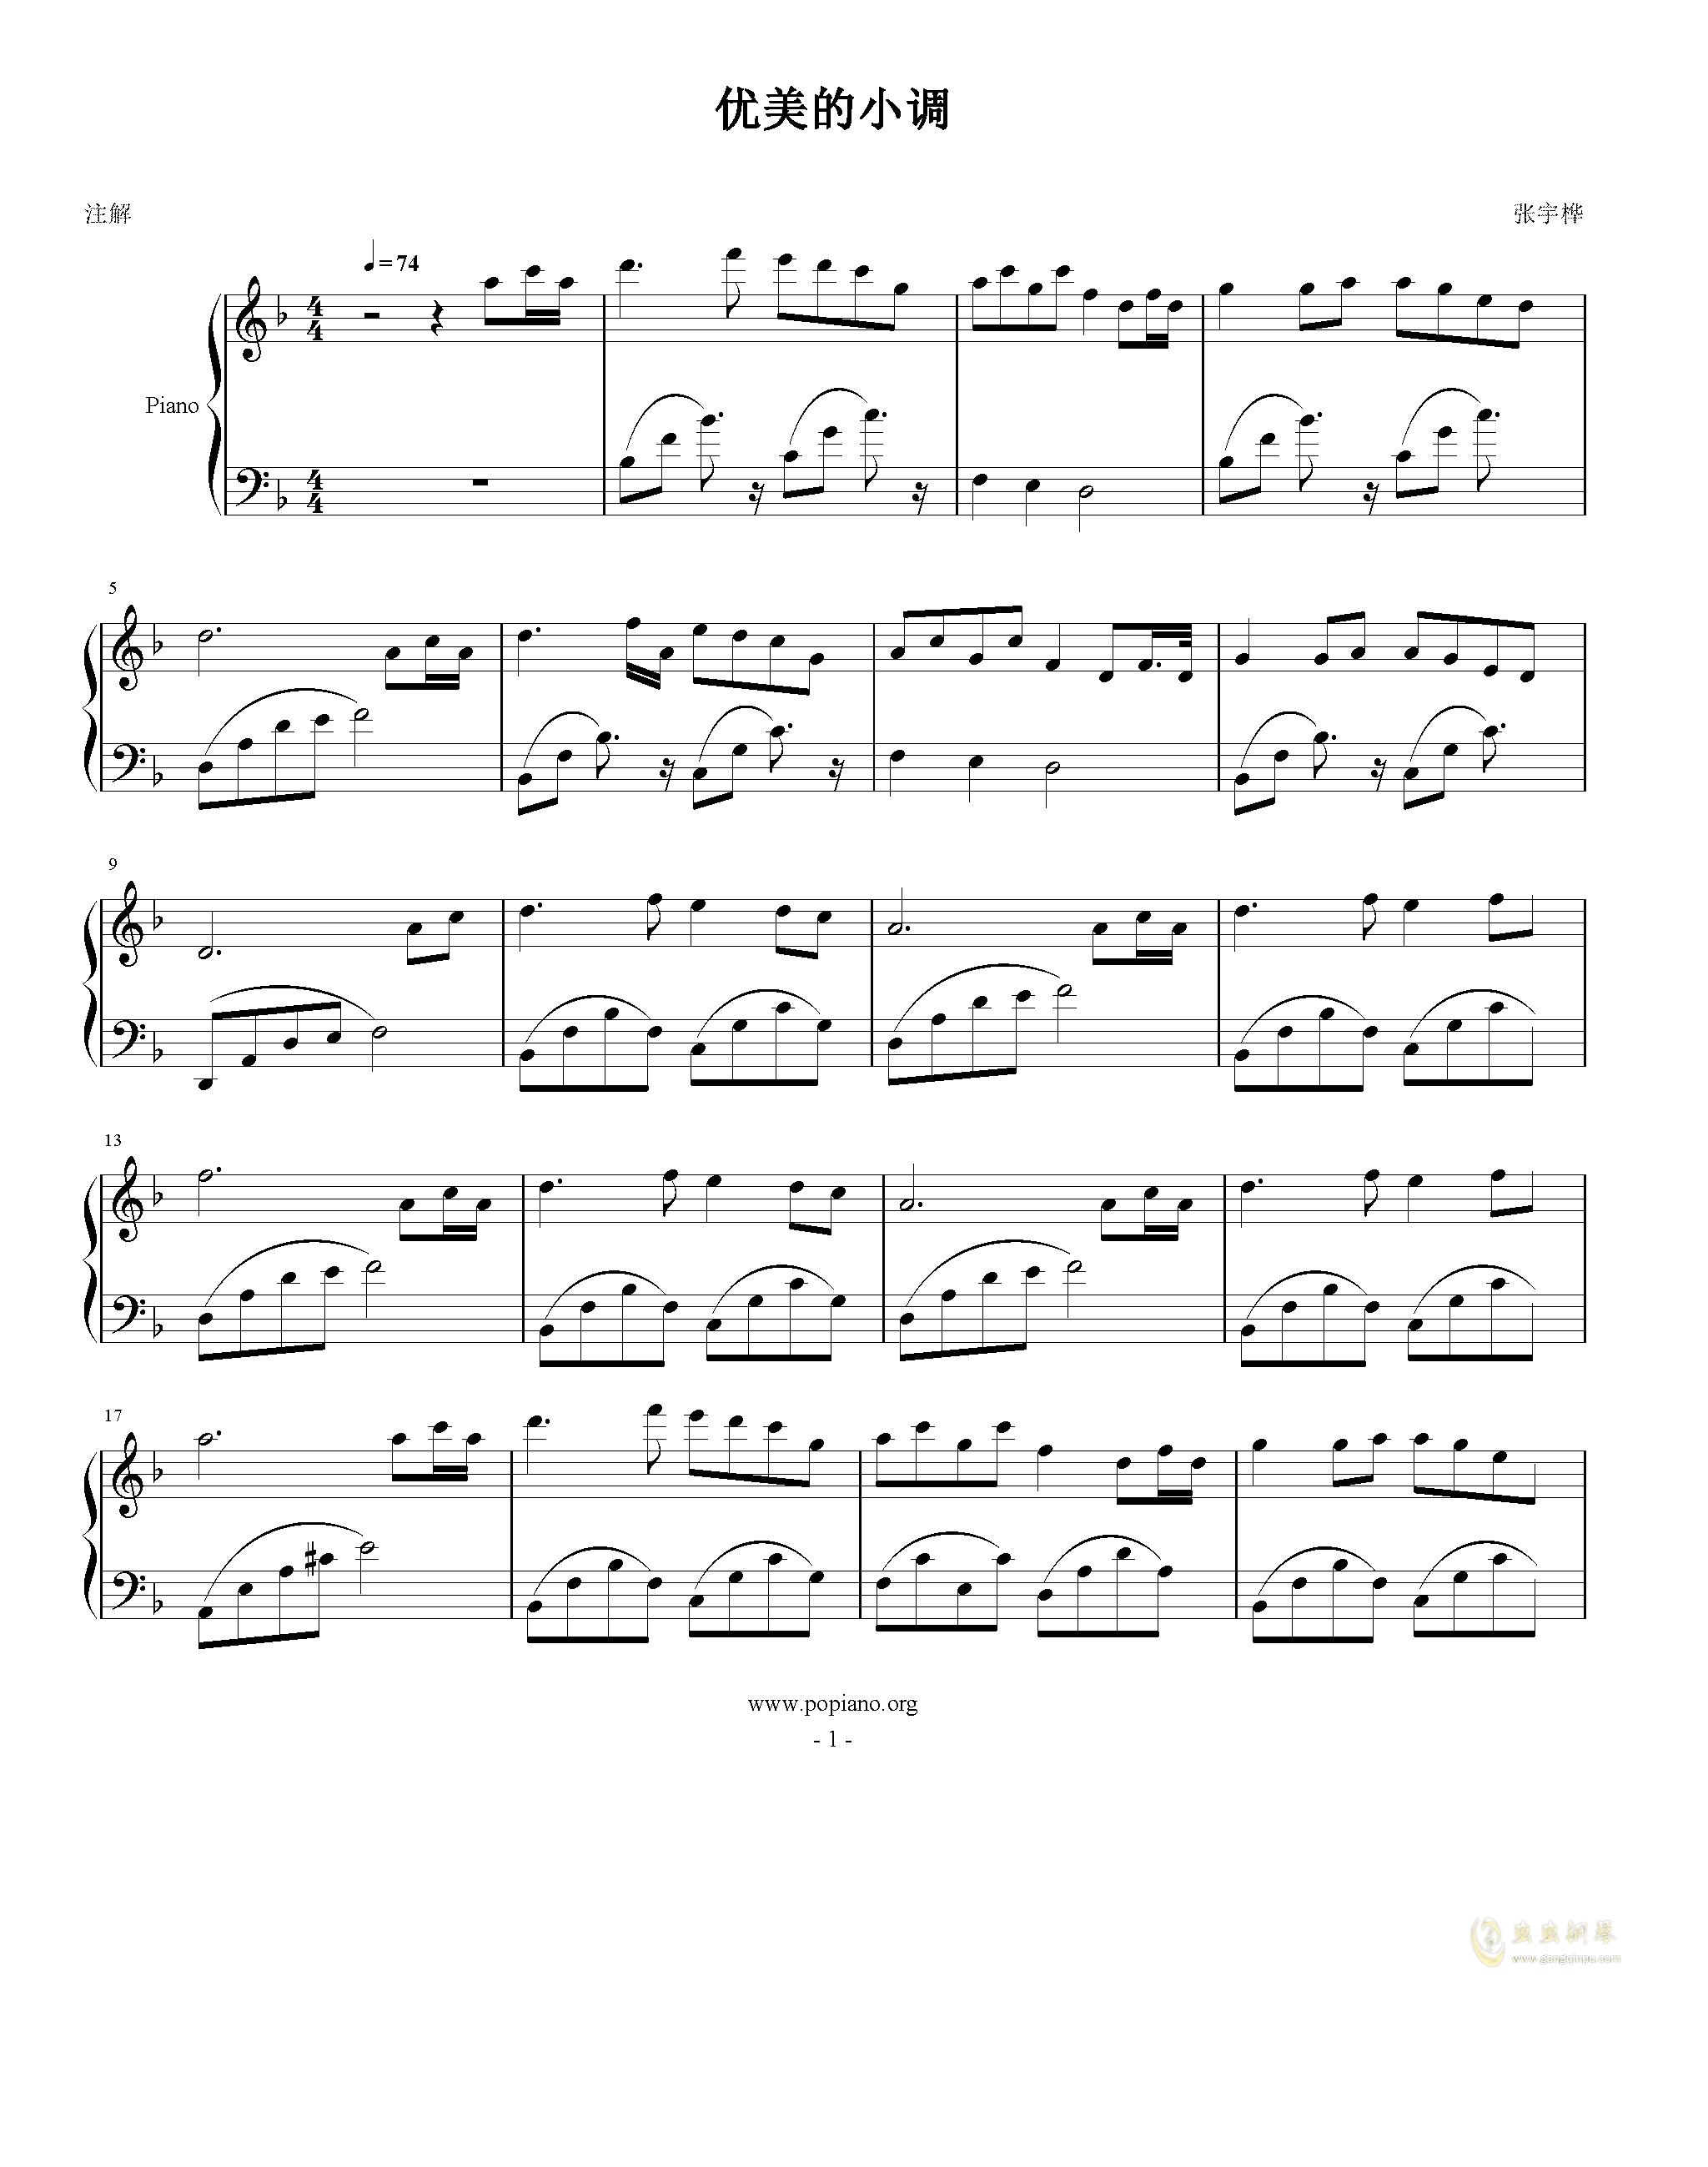 优美的小调,优美的小调钢琴谱,优美的小调钢琴谱网,优美的小调